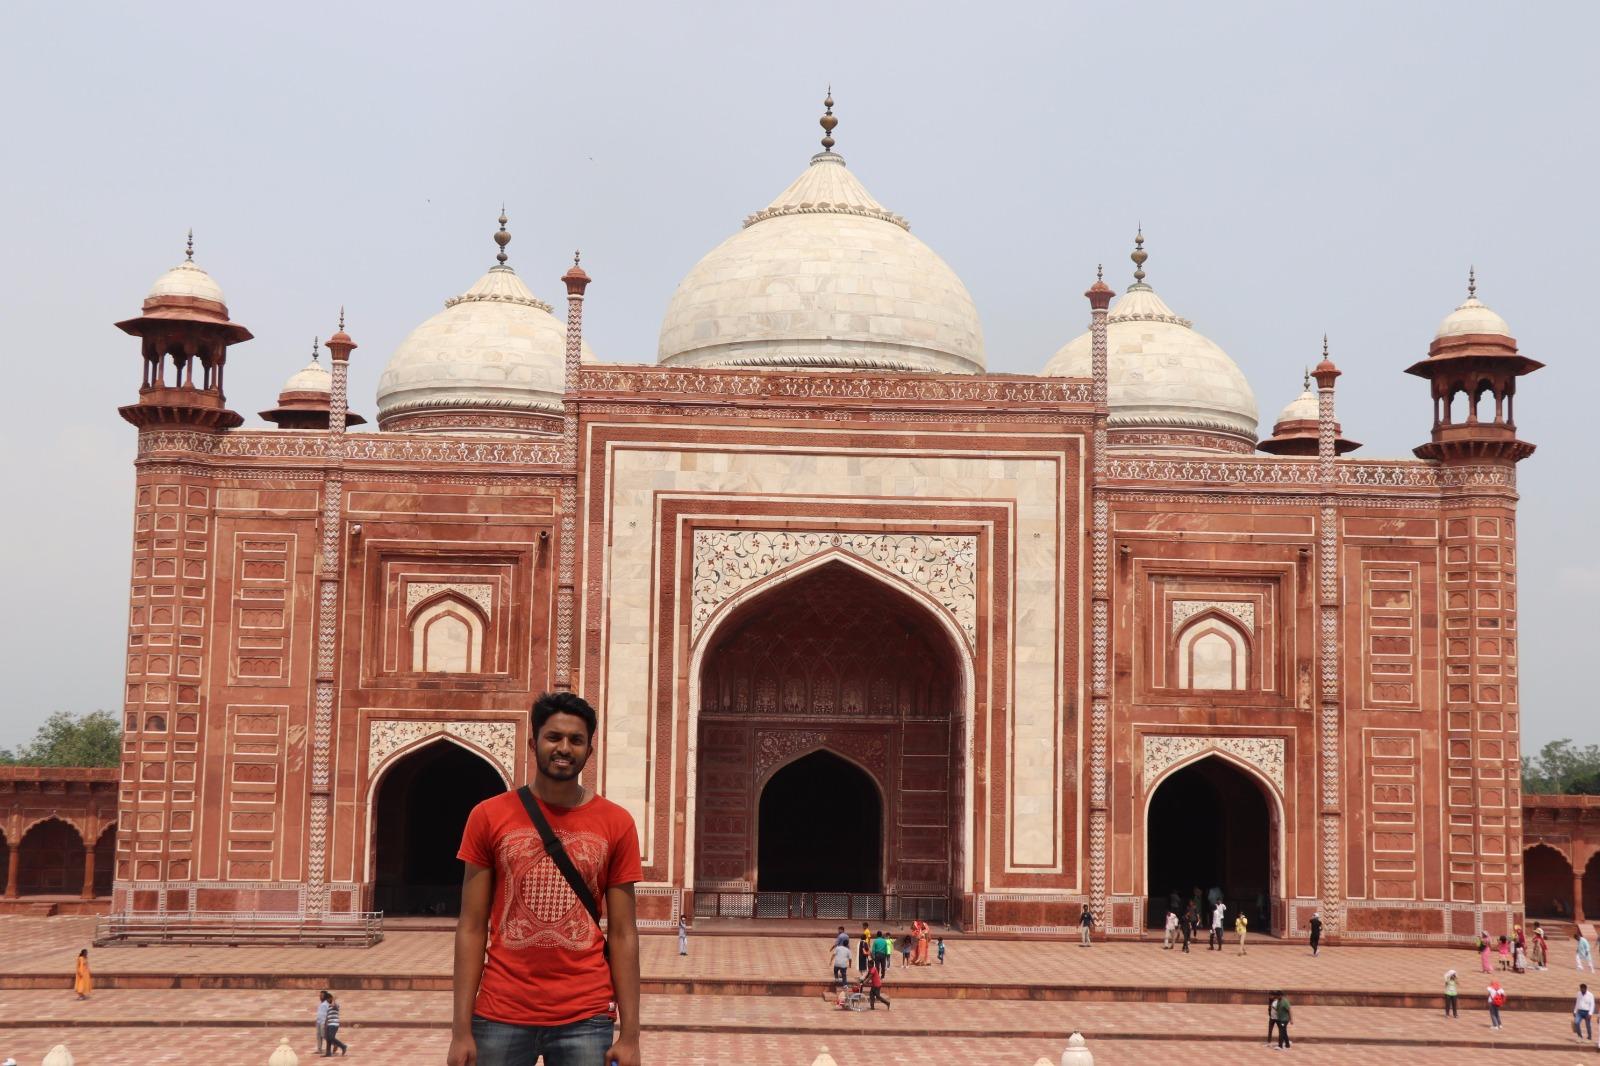 Gap Year Program - Social Travel: Volunteer in Delhi, India  5